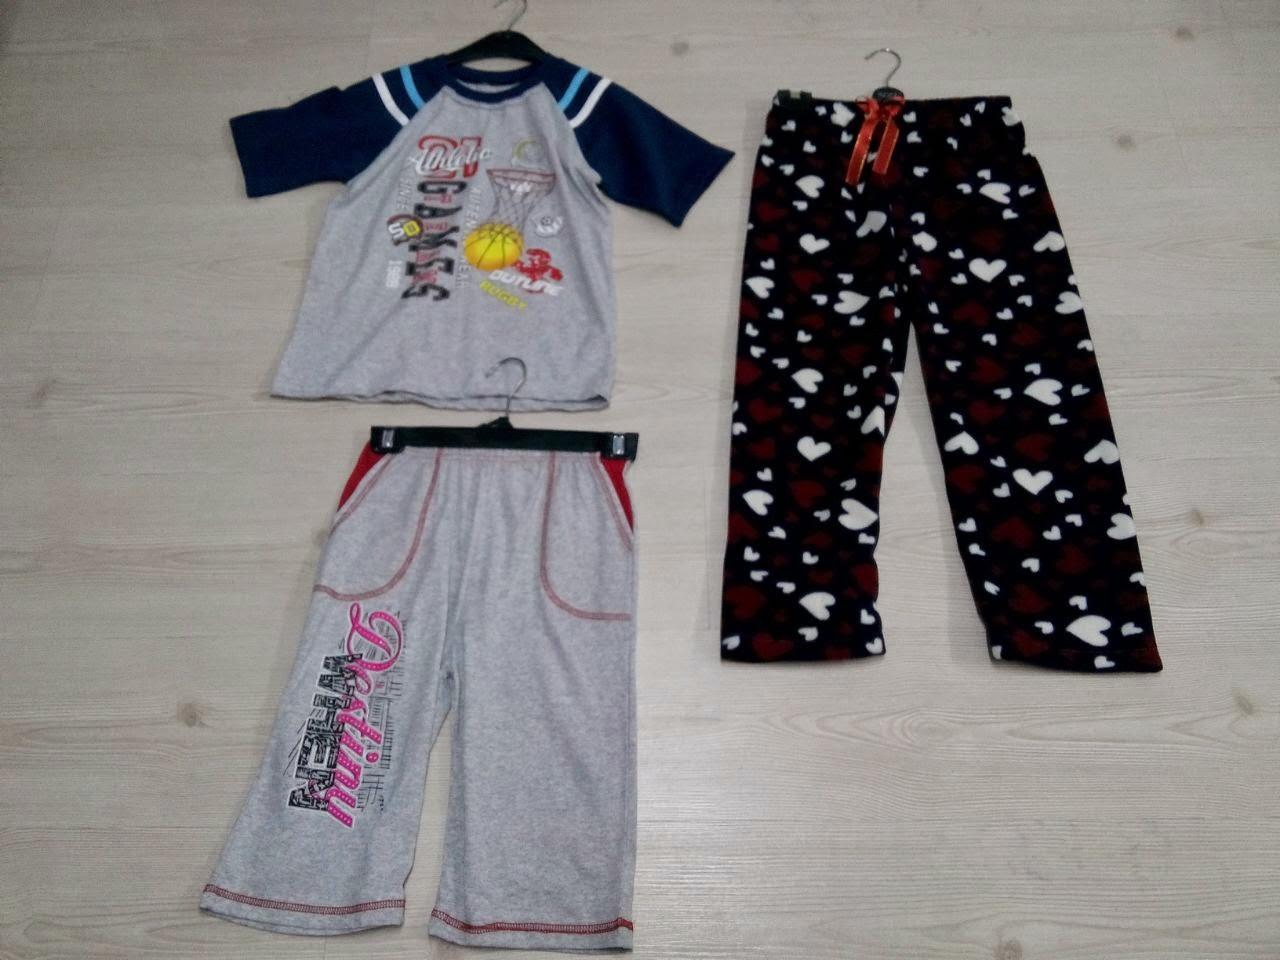 kışlık çocuk giyim ürünleri üretimi yapan tekstil firmaları